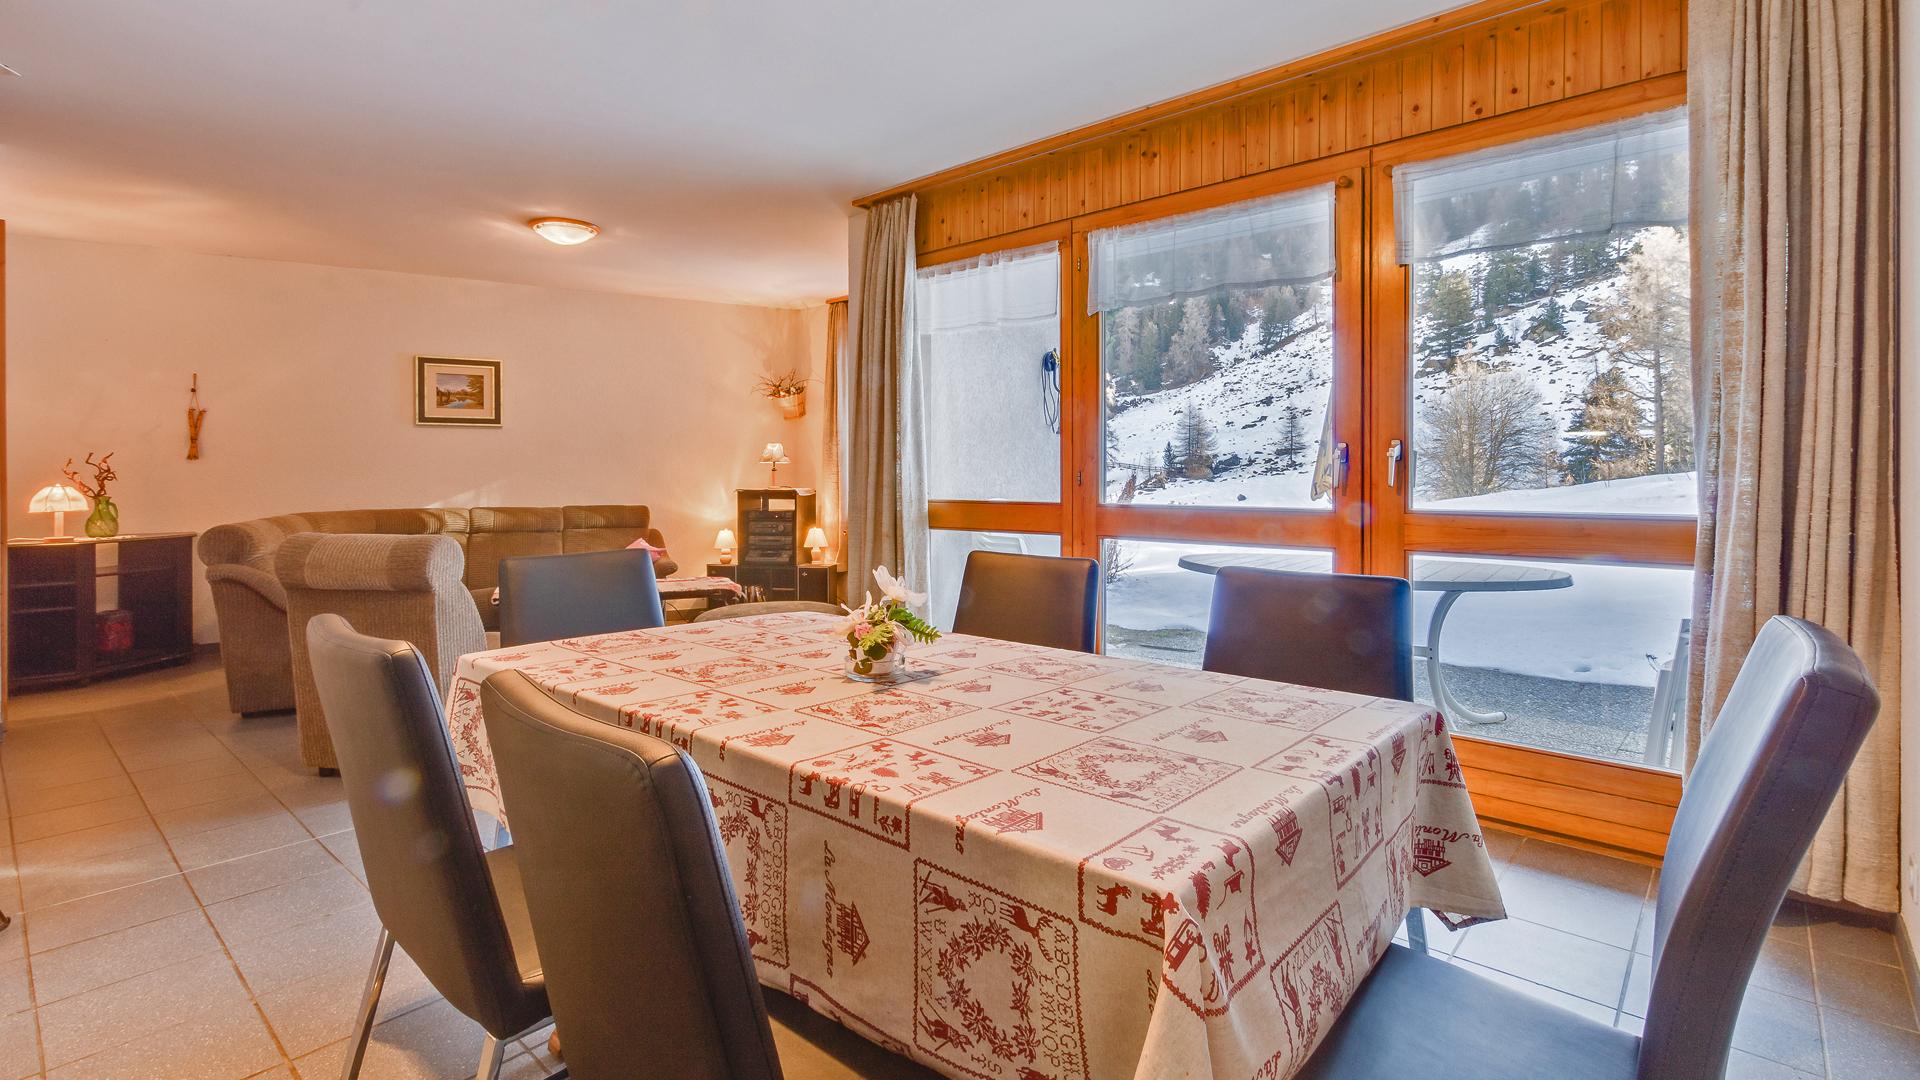 Appartement sur la Piste Apartments, Switzerland